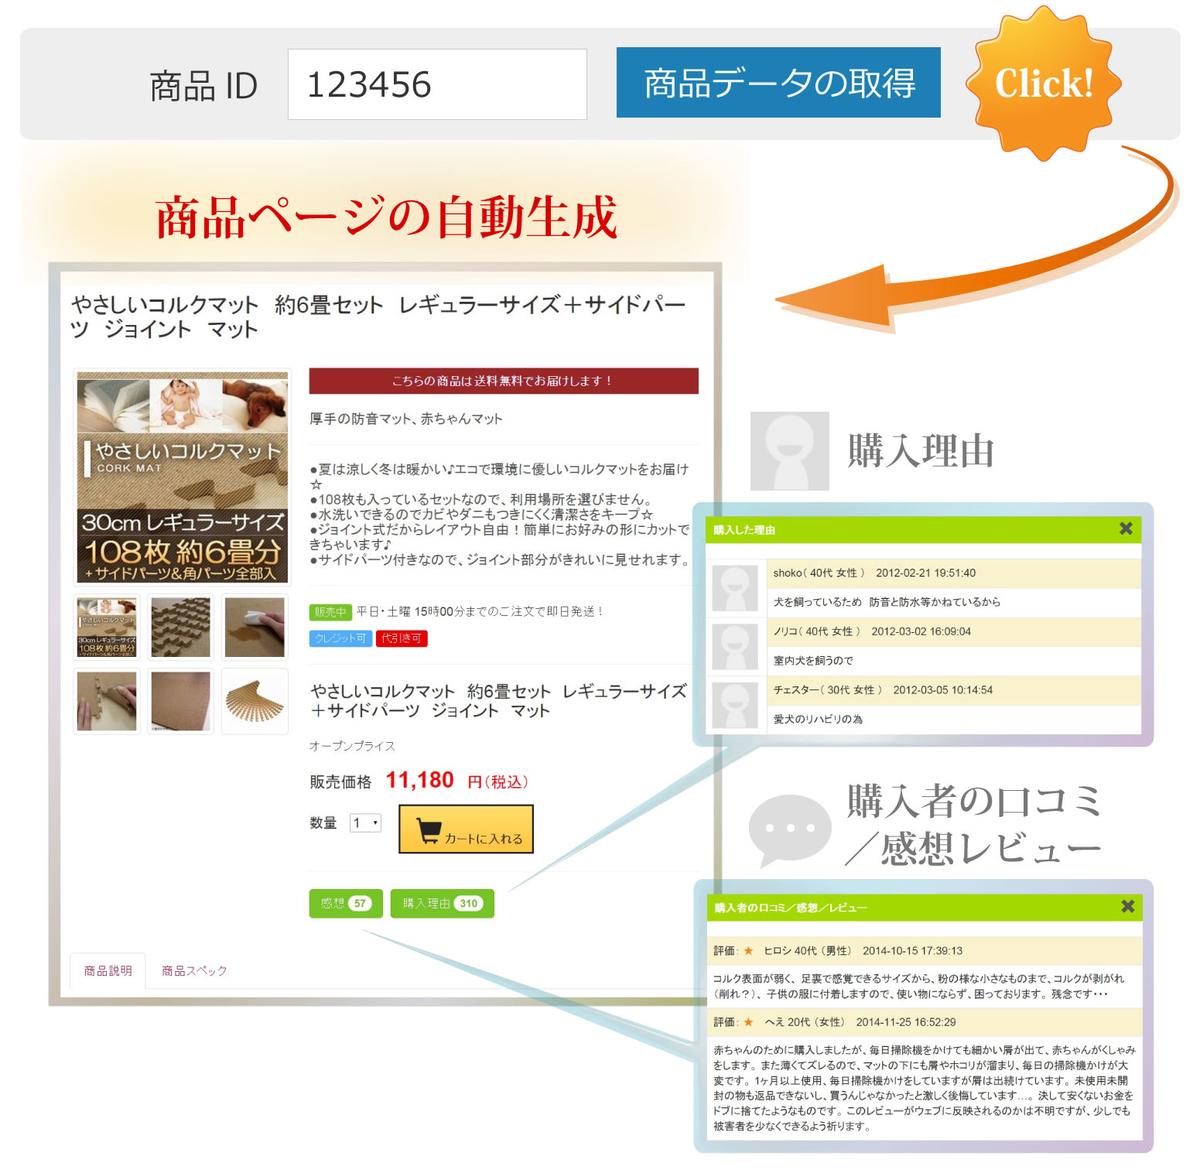 f:id:yumeji773:20190804143325j:plain